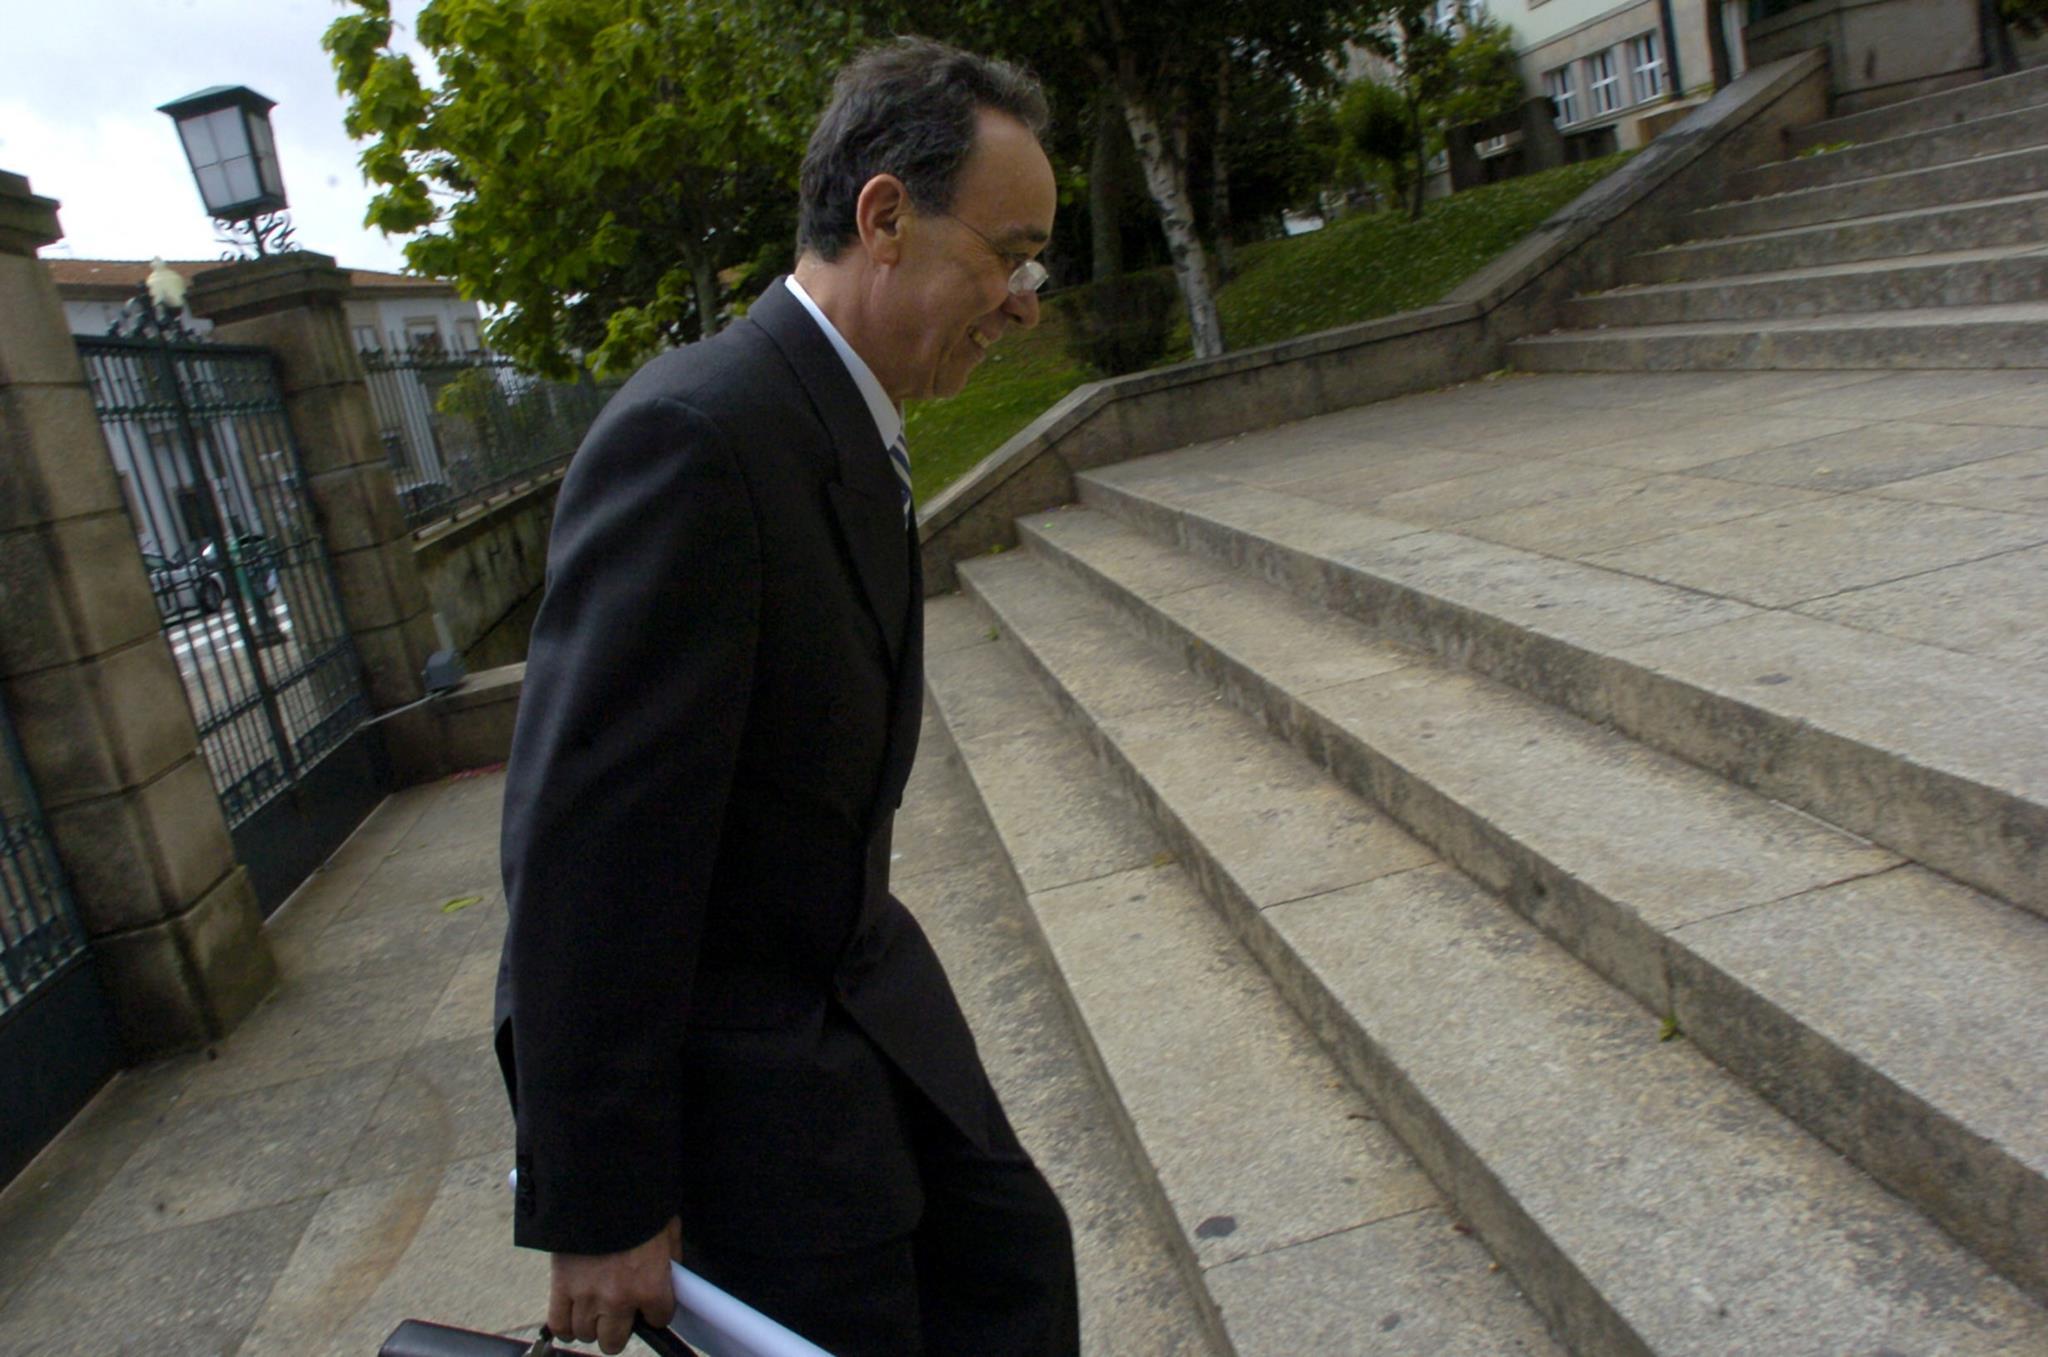 O professor em 2007 depois de ter sido suspenso